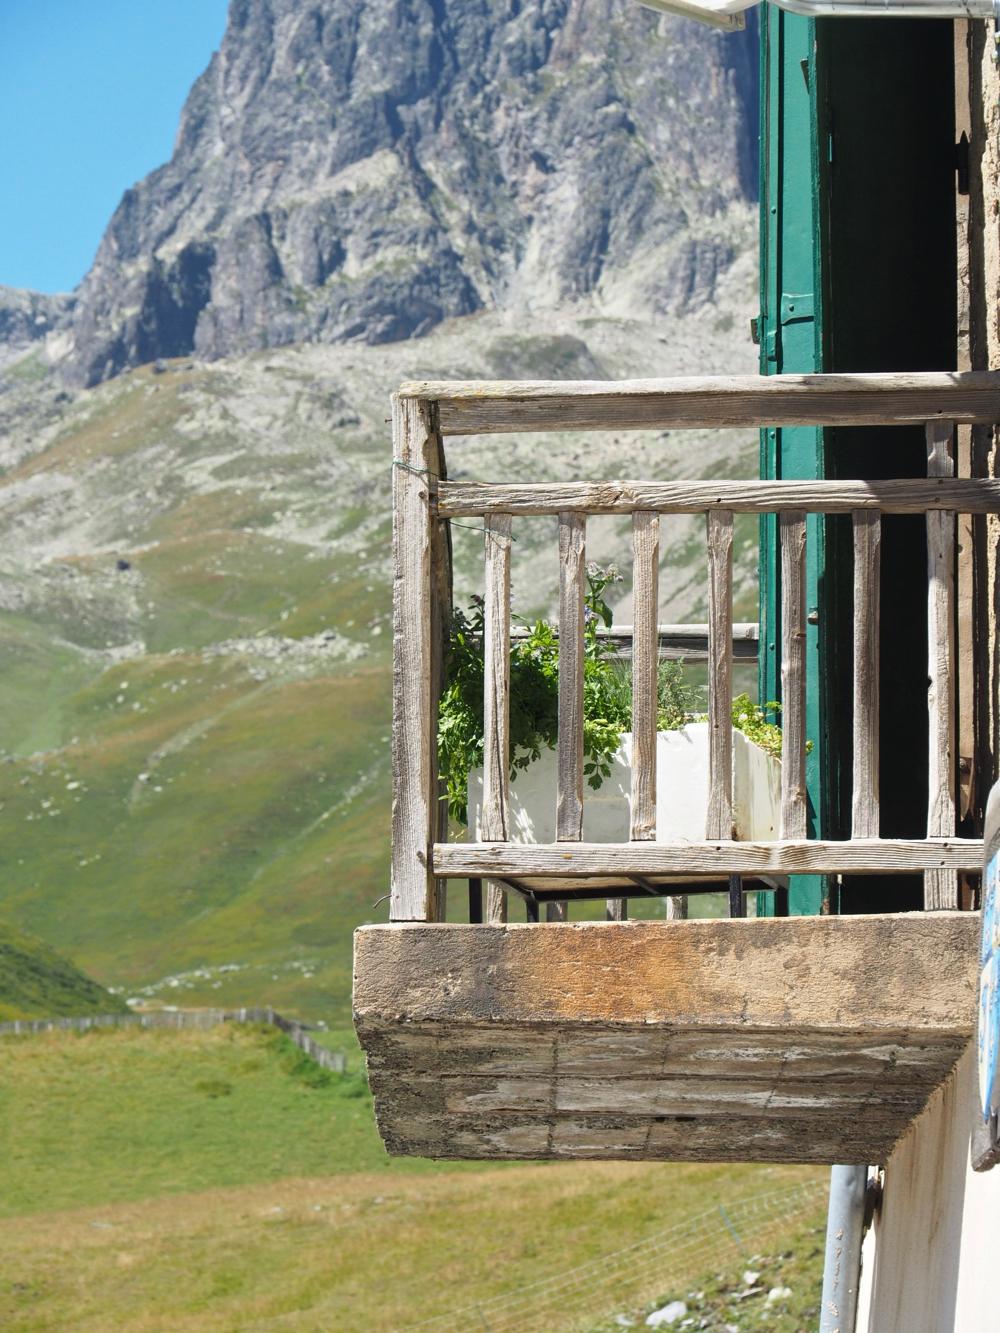 Hoog in de bergen een houten balkon met zicht op ruige toppen